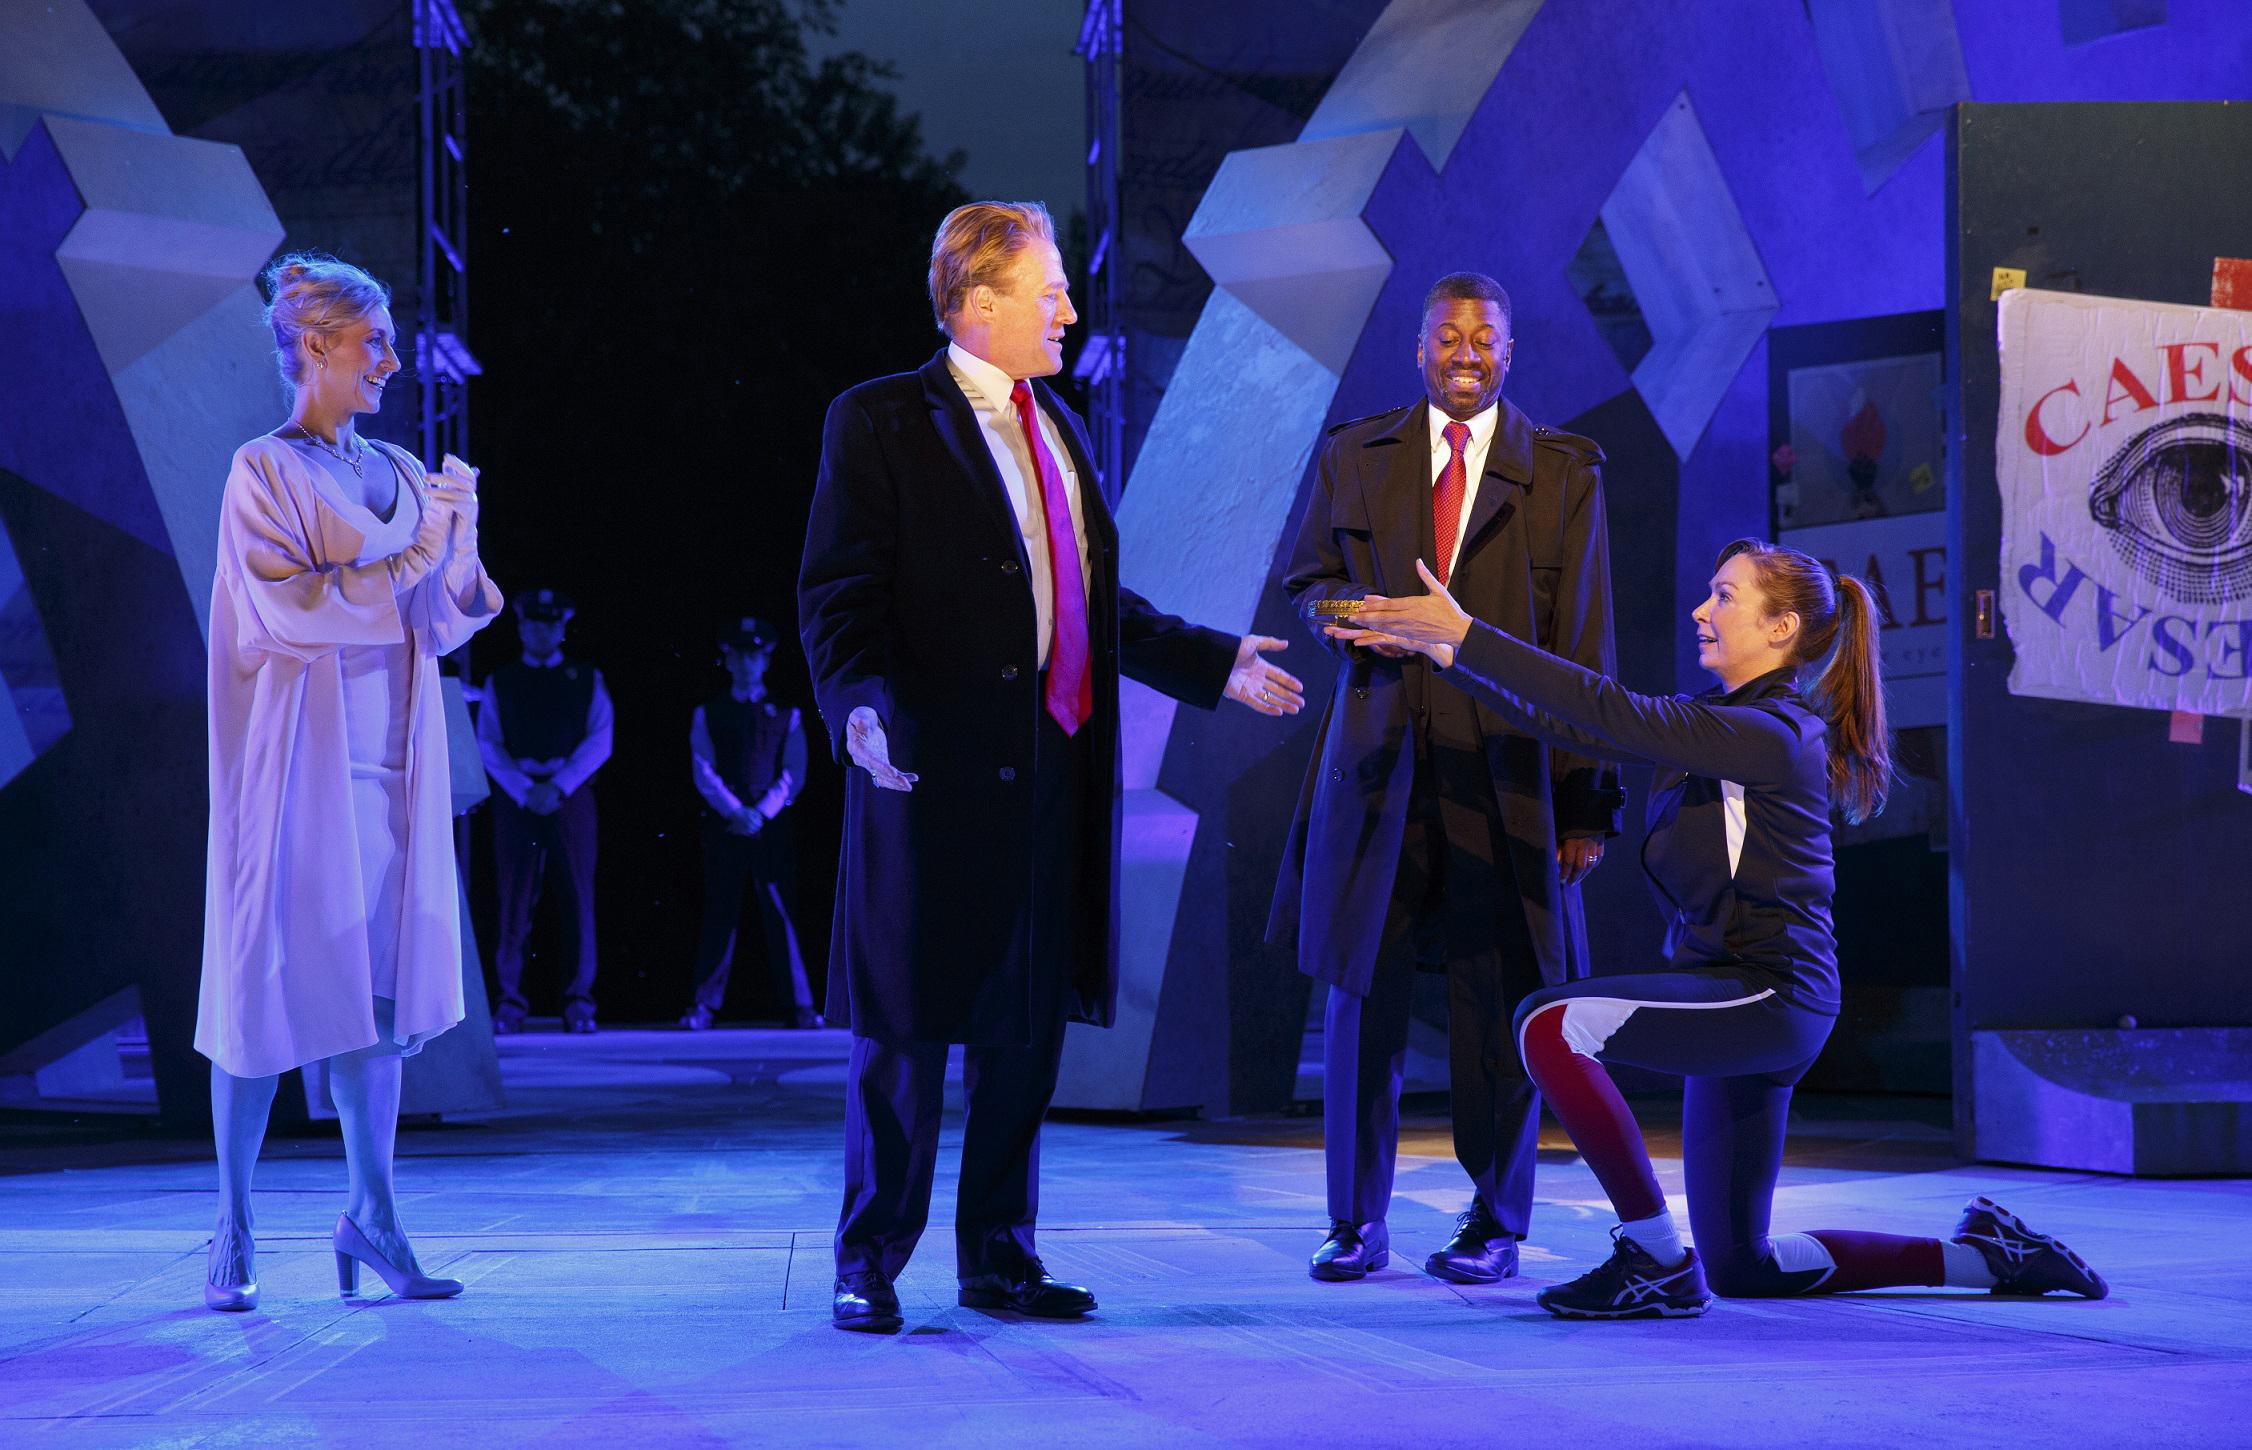 在中央公園上演的莎劇《凱撒大帝》,飾演凱撒的亨利(左二)、凱撒妻子的班柯(左一)及飾演安東尼的瑪佛爾(右一)。(美聯社)